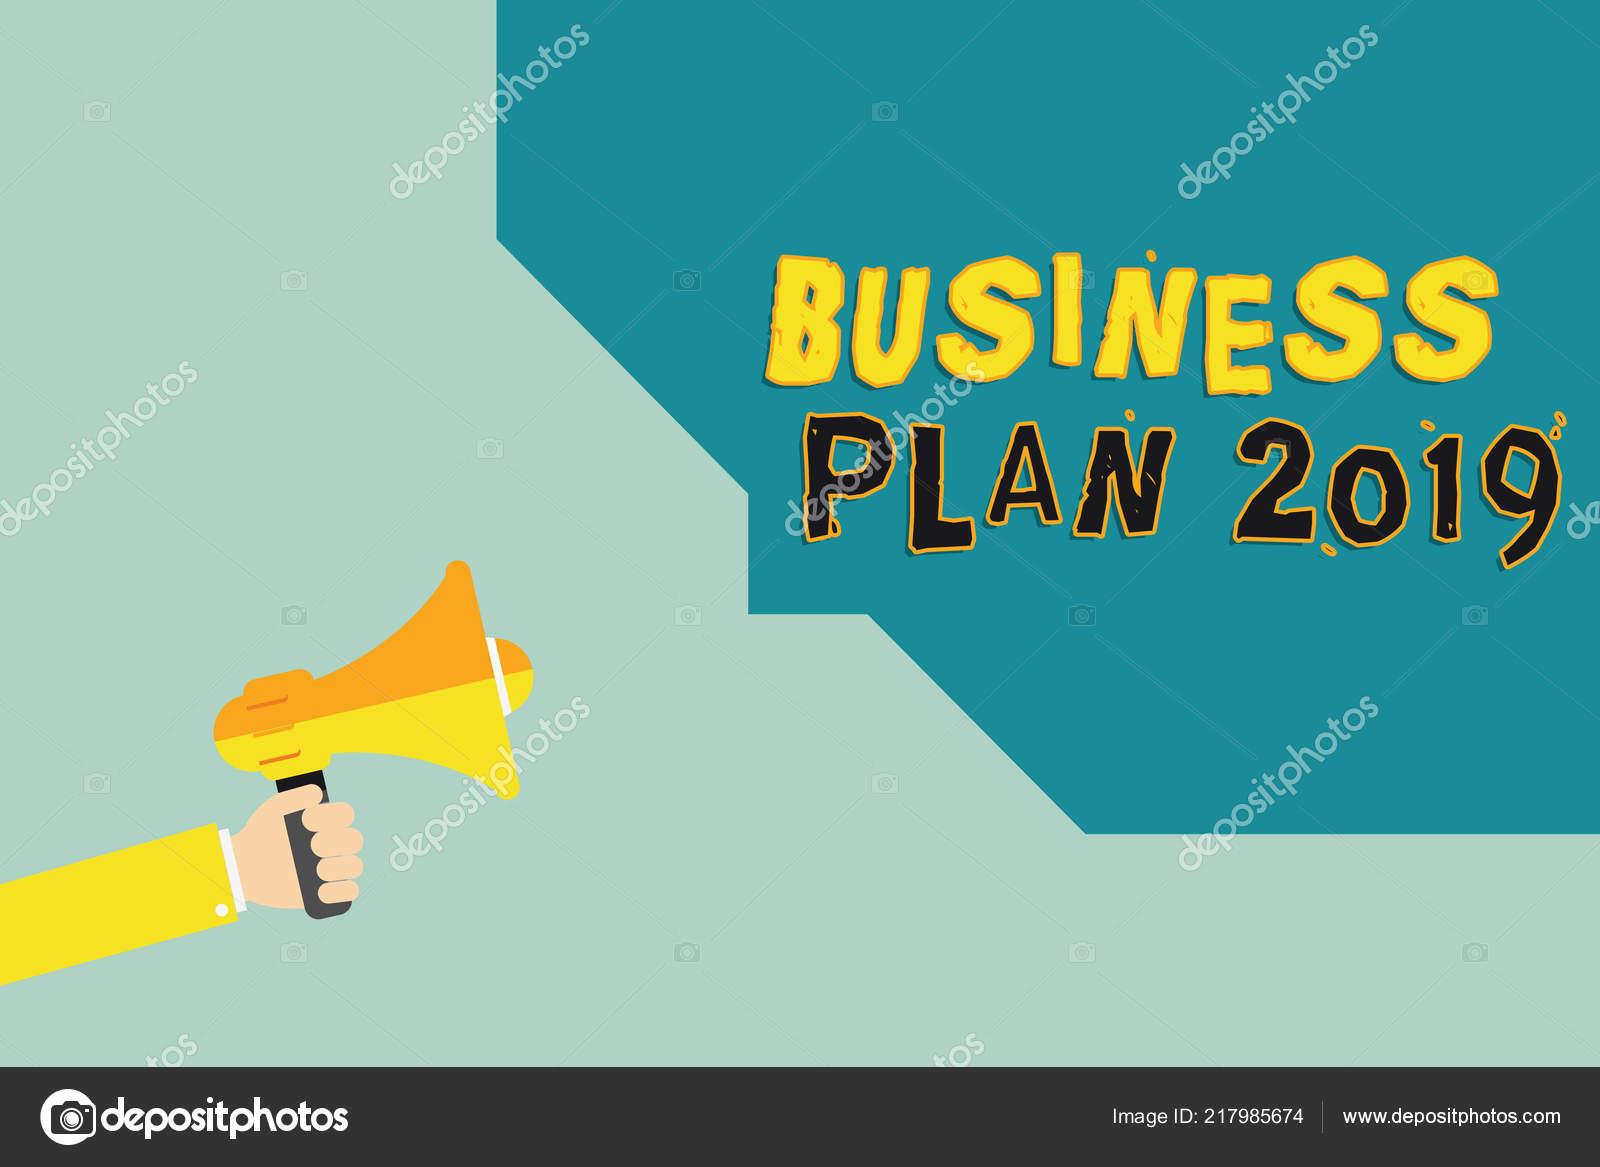 Бизнес идеи цели бизнес план доставки здорового питания